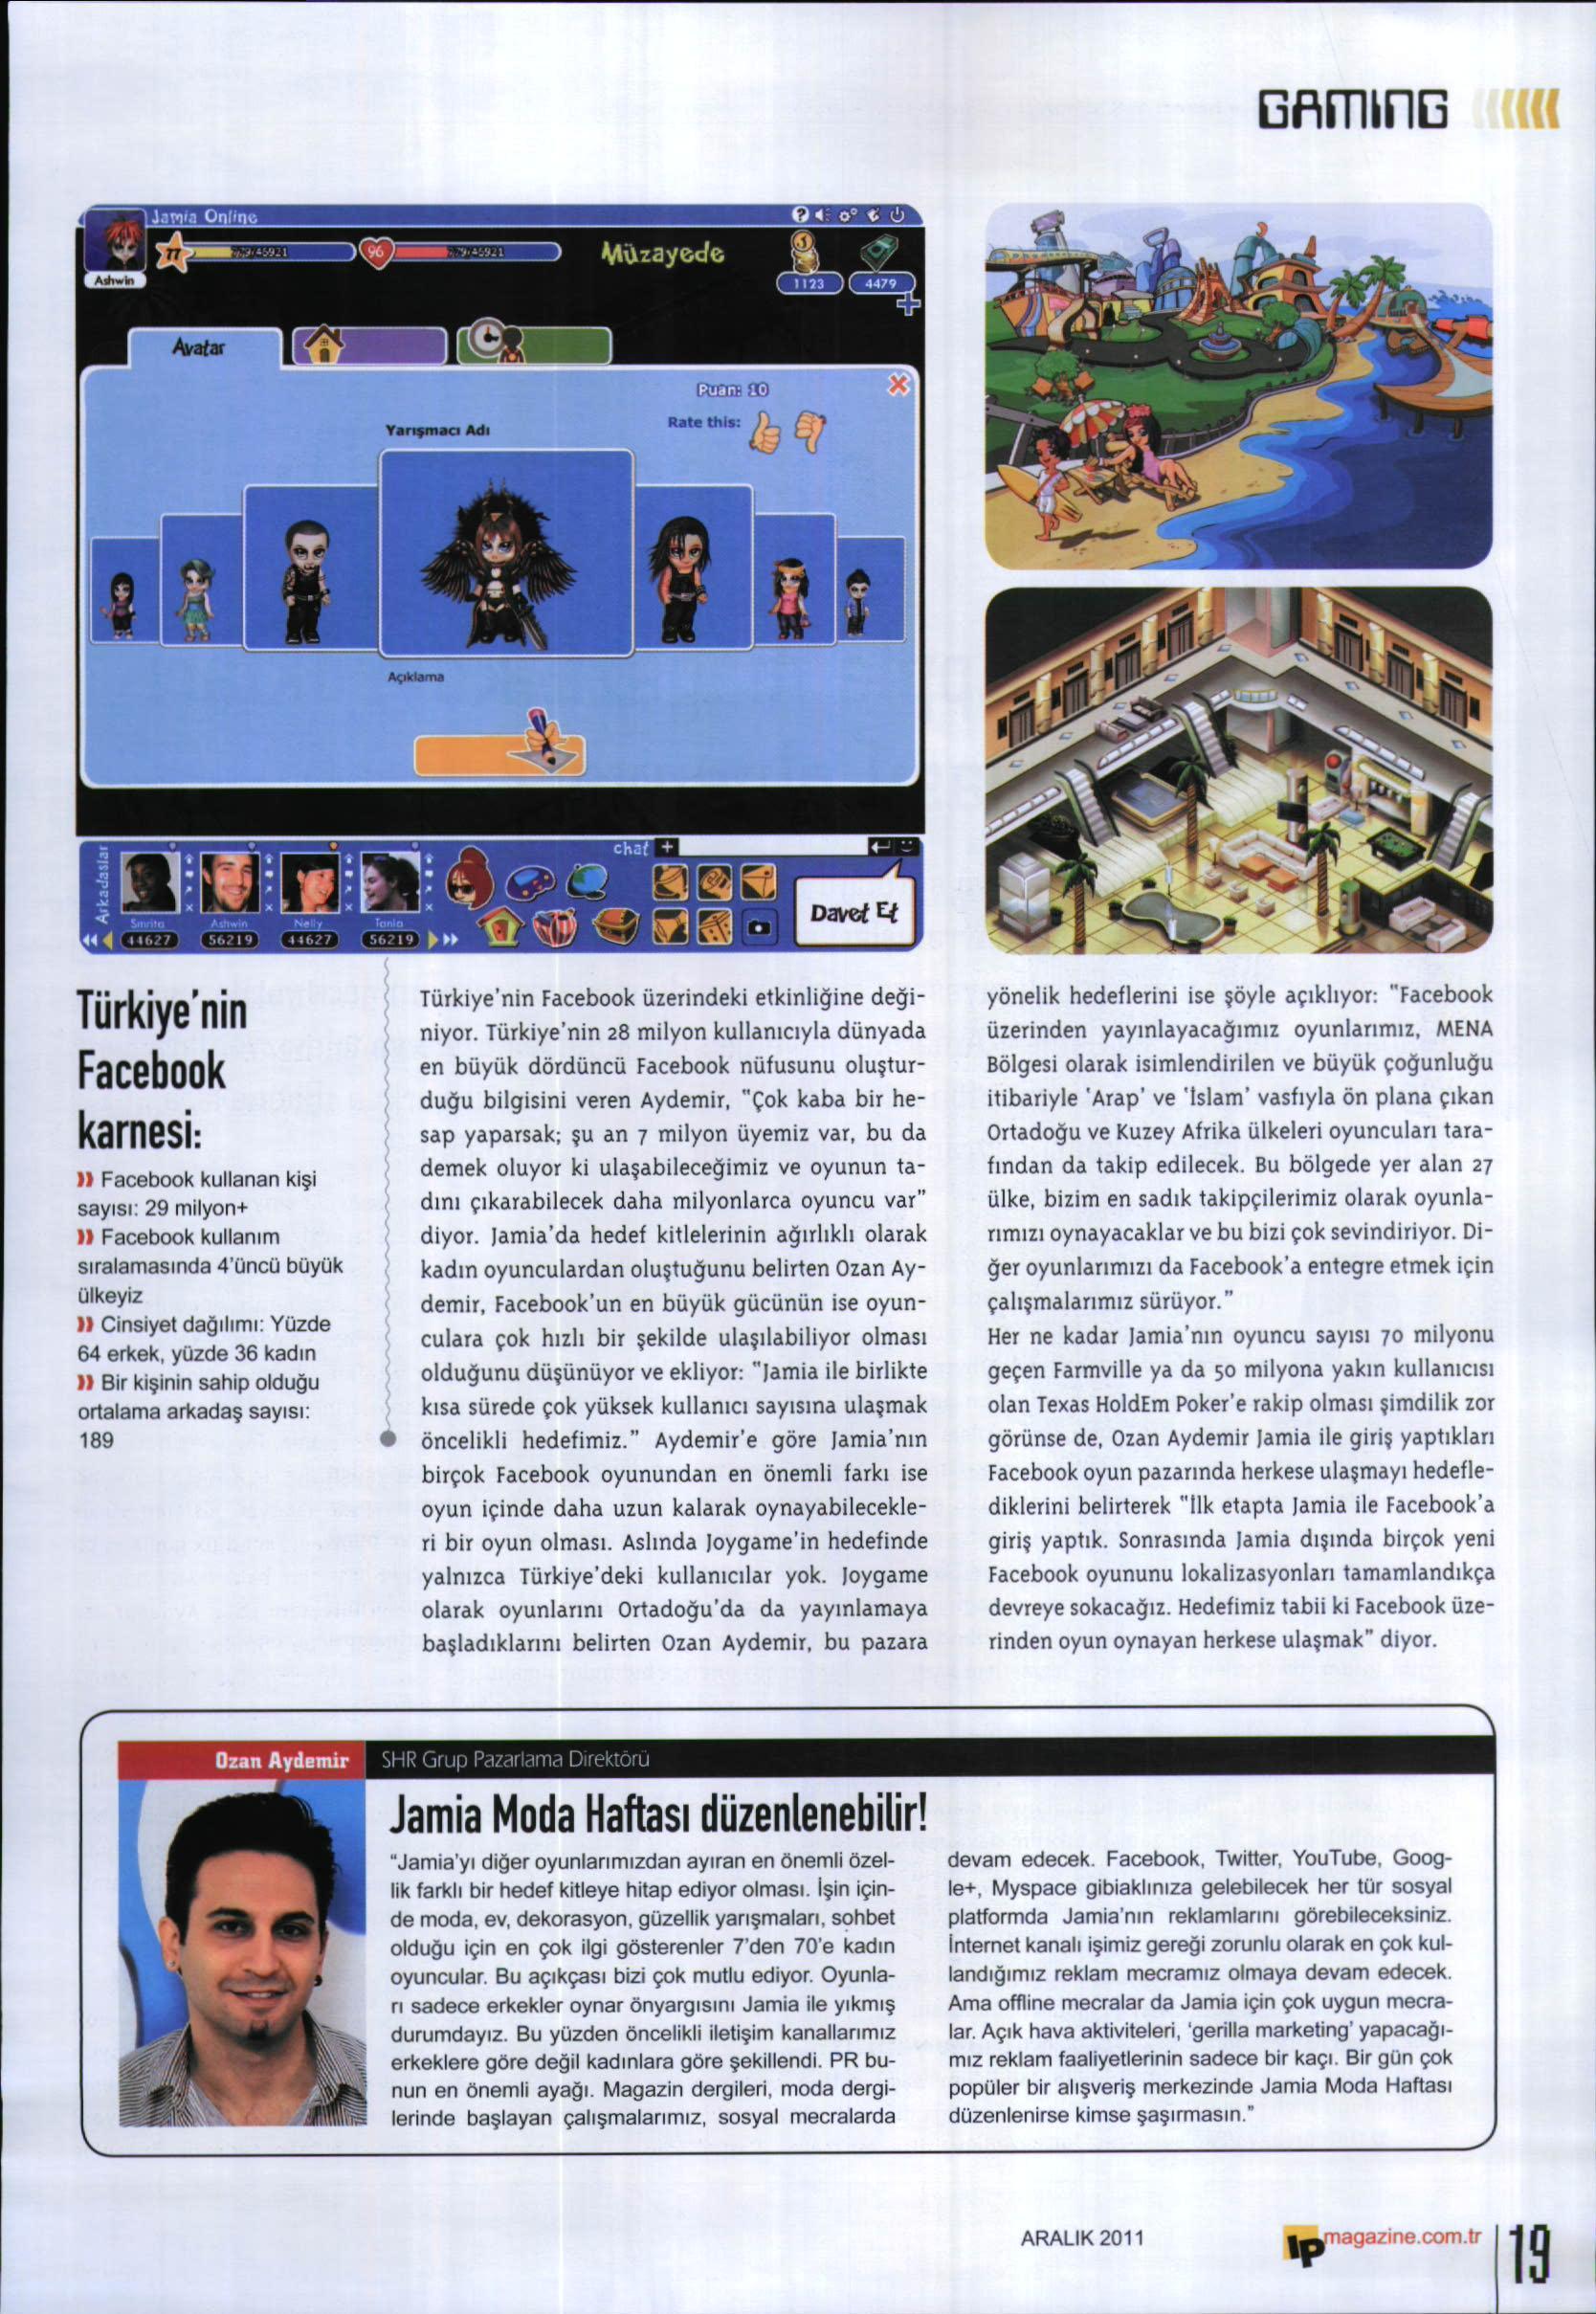 Netmarble-Turkey-Basin-Yansimasi-Marketing-Turkiye-15-Aralik-2011-2